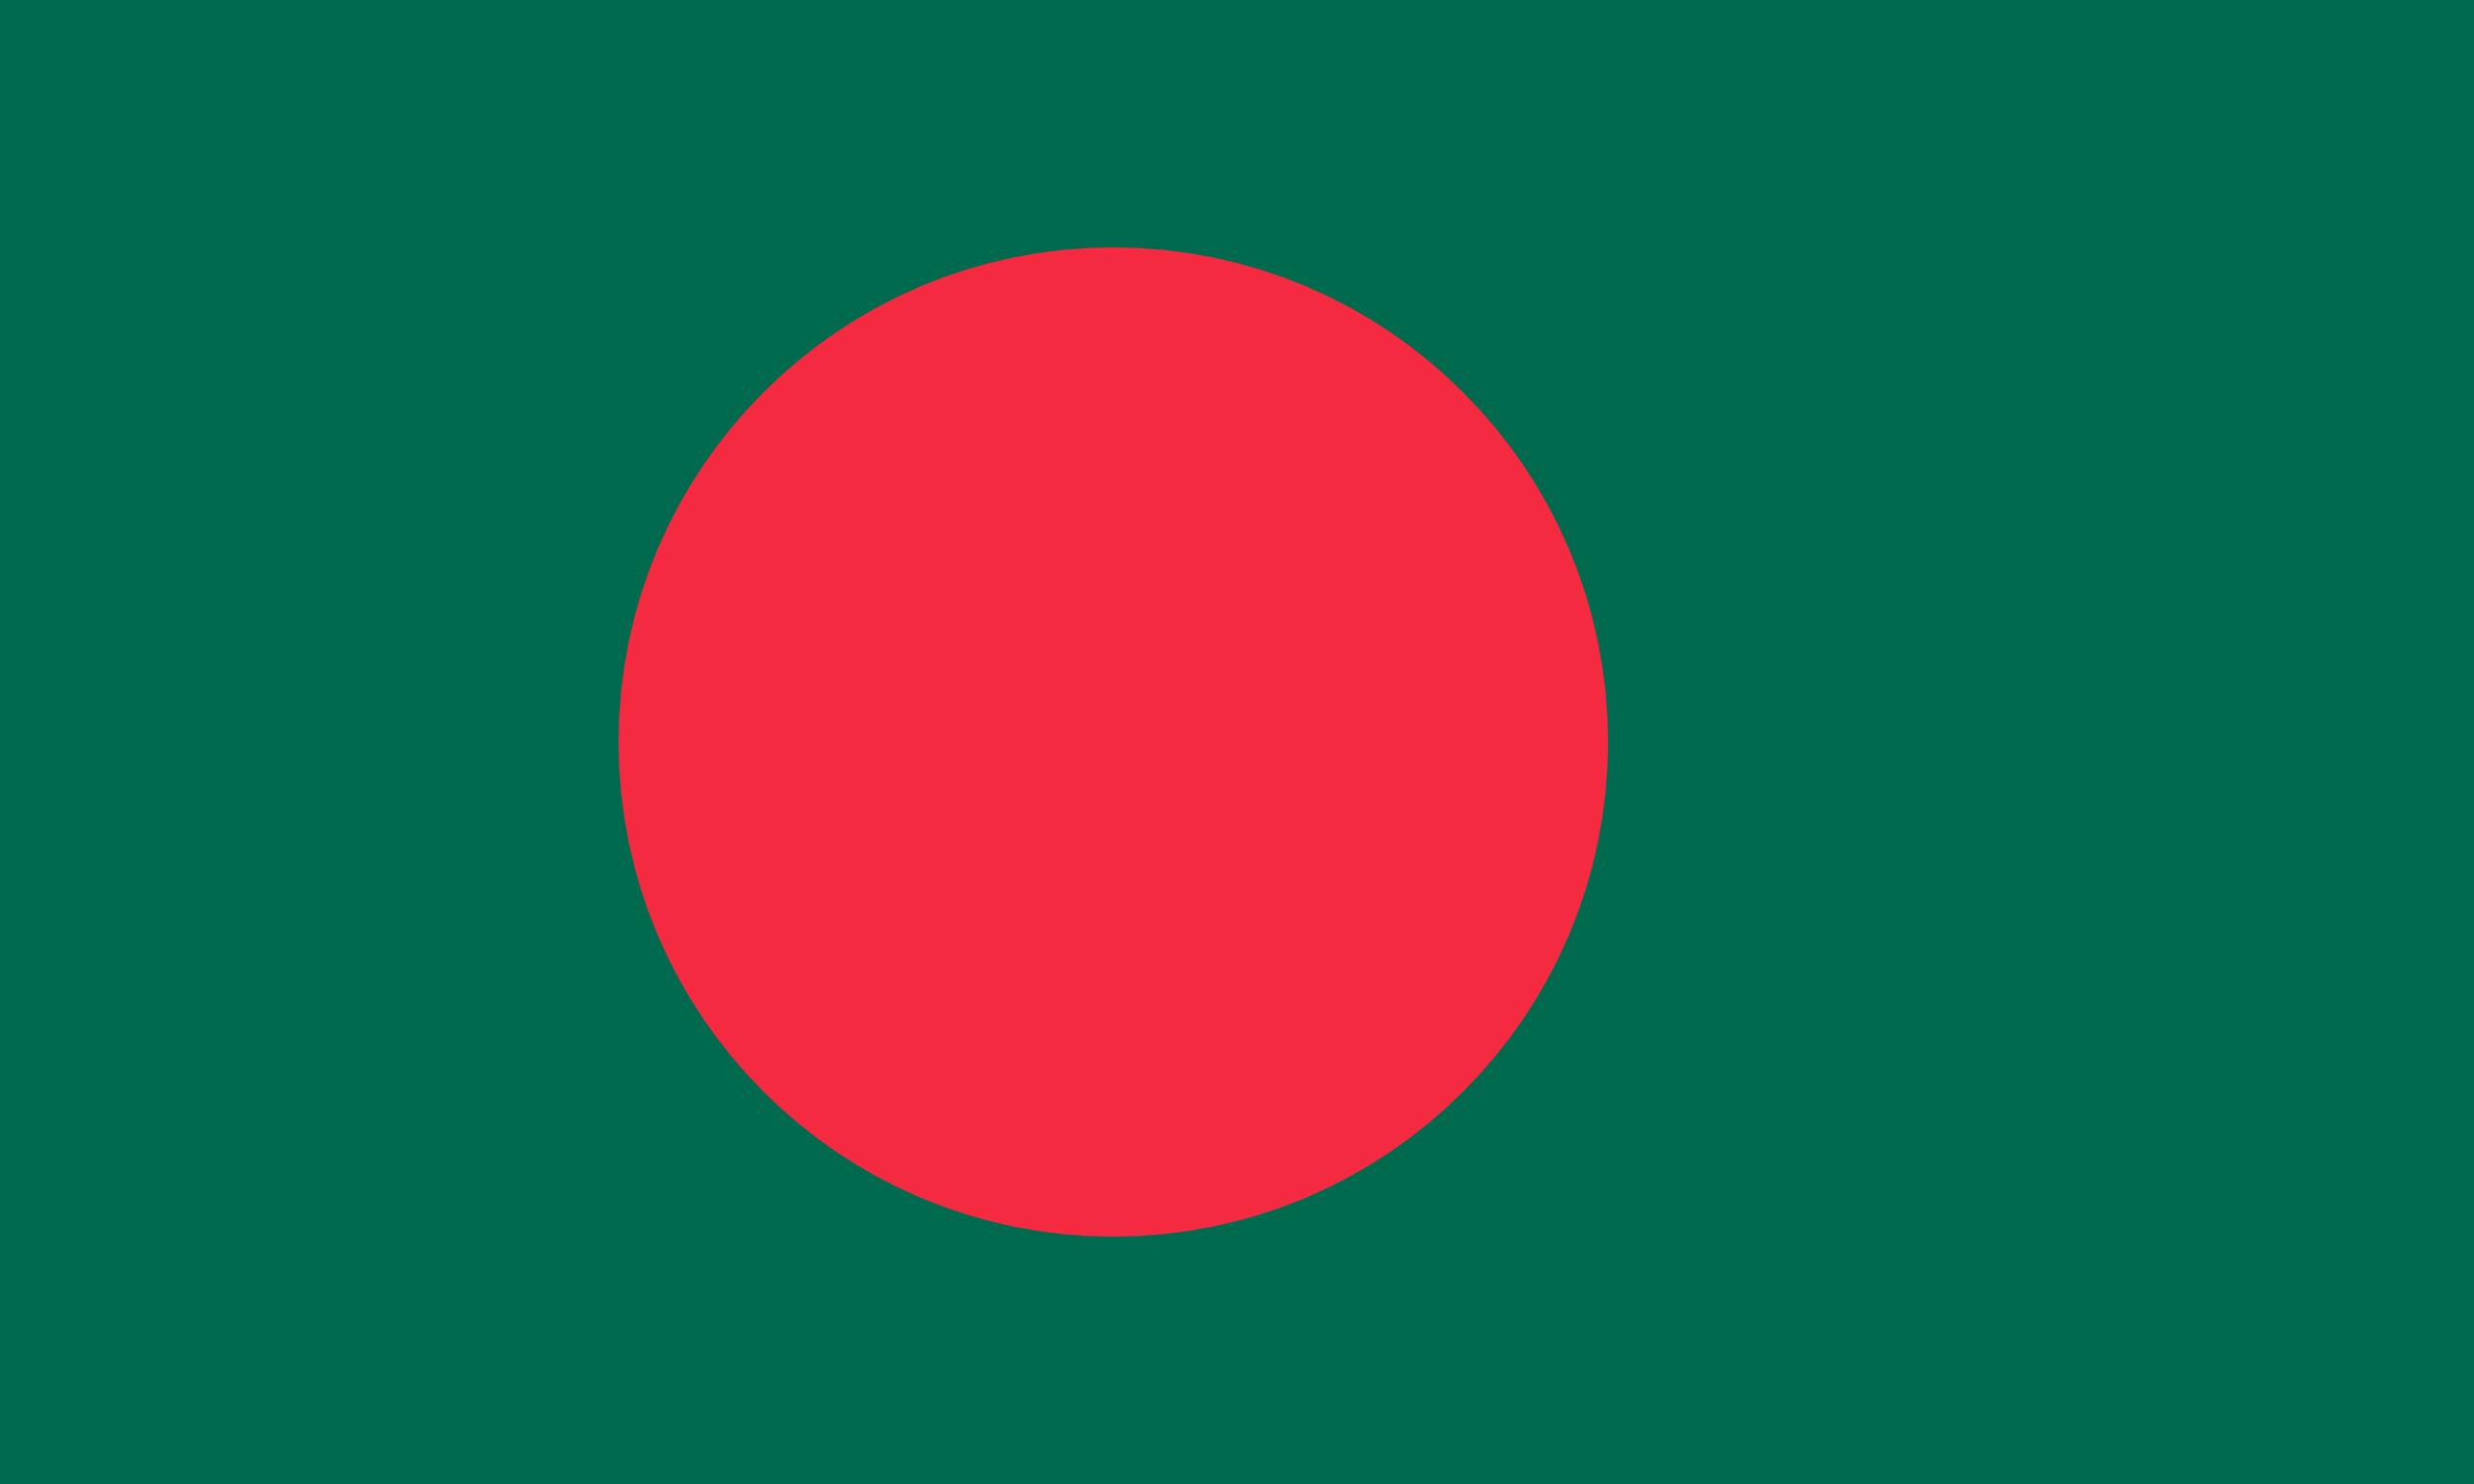 bangladesh, χώρα, έμβλημα, λογότυπο, σύμβολο - Wallpapers HD - Professor-falken.com